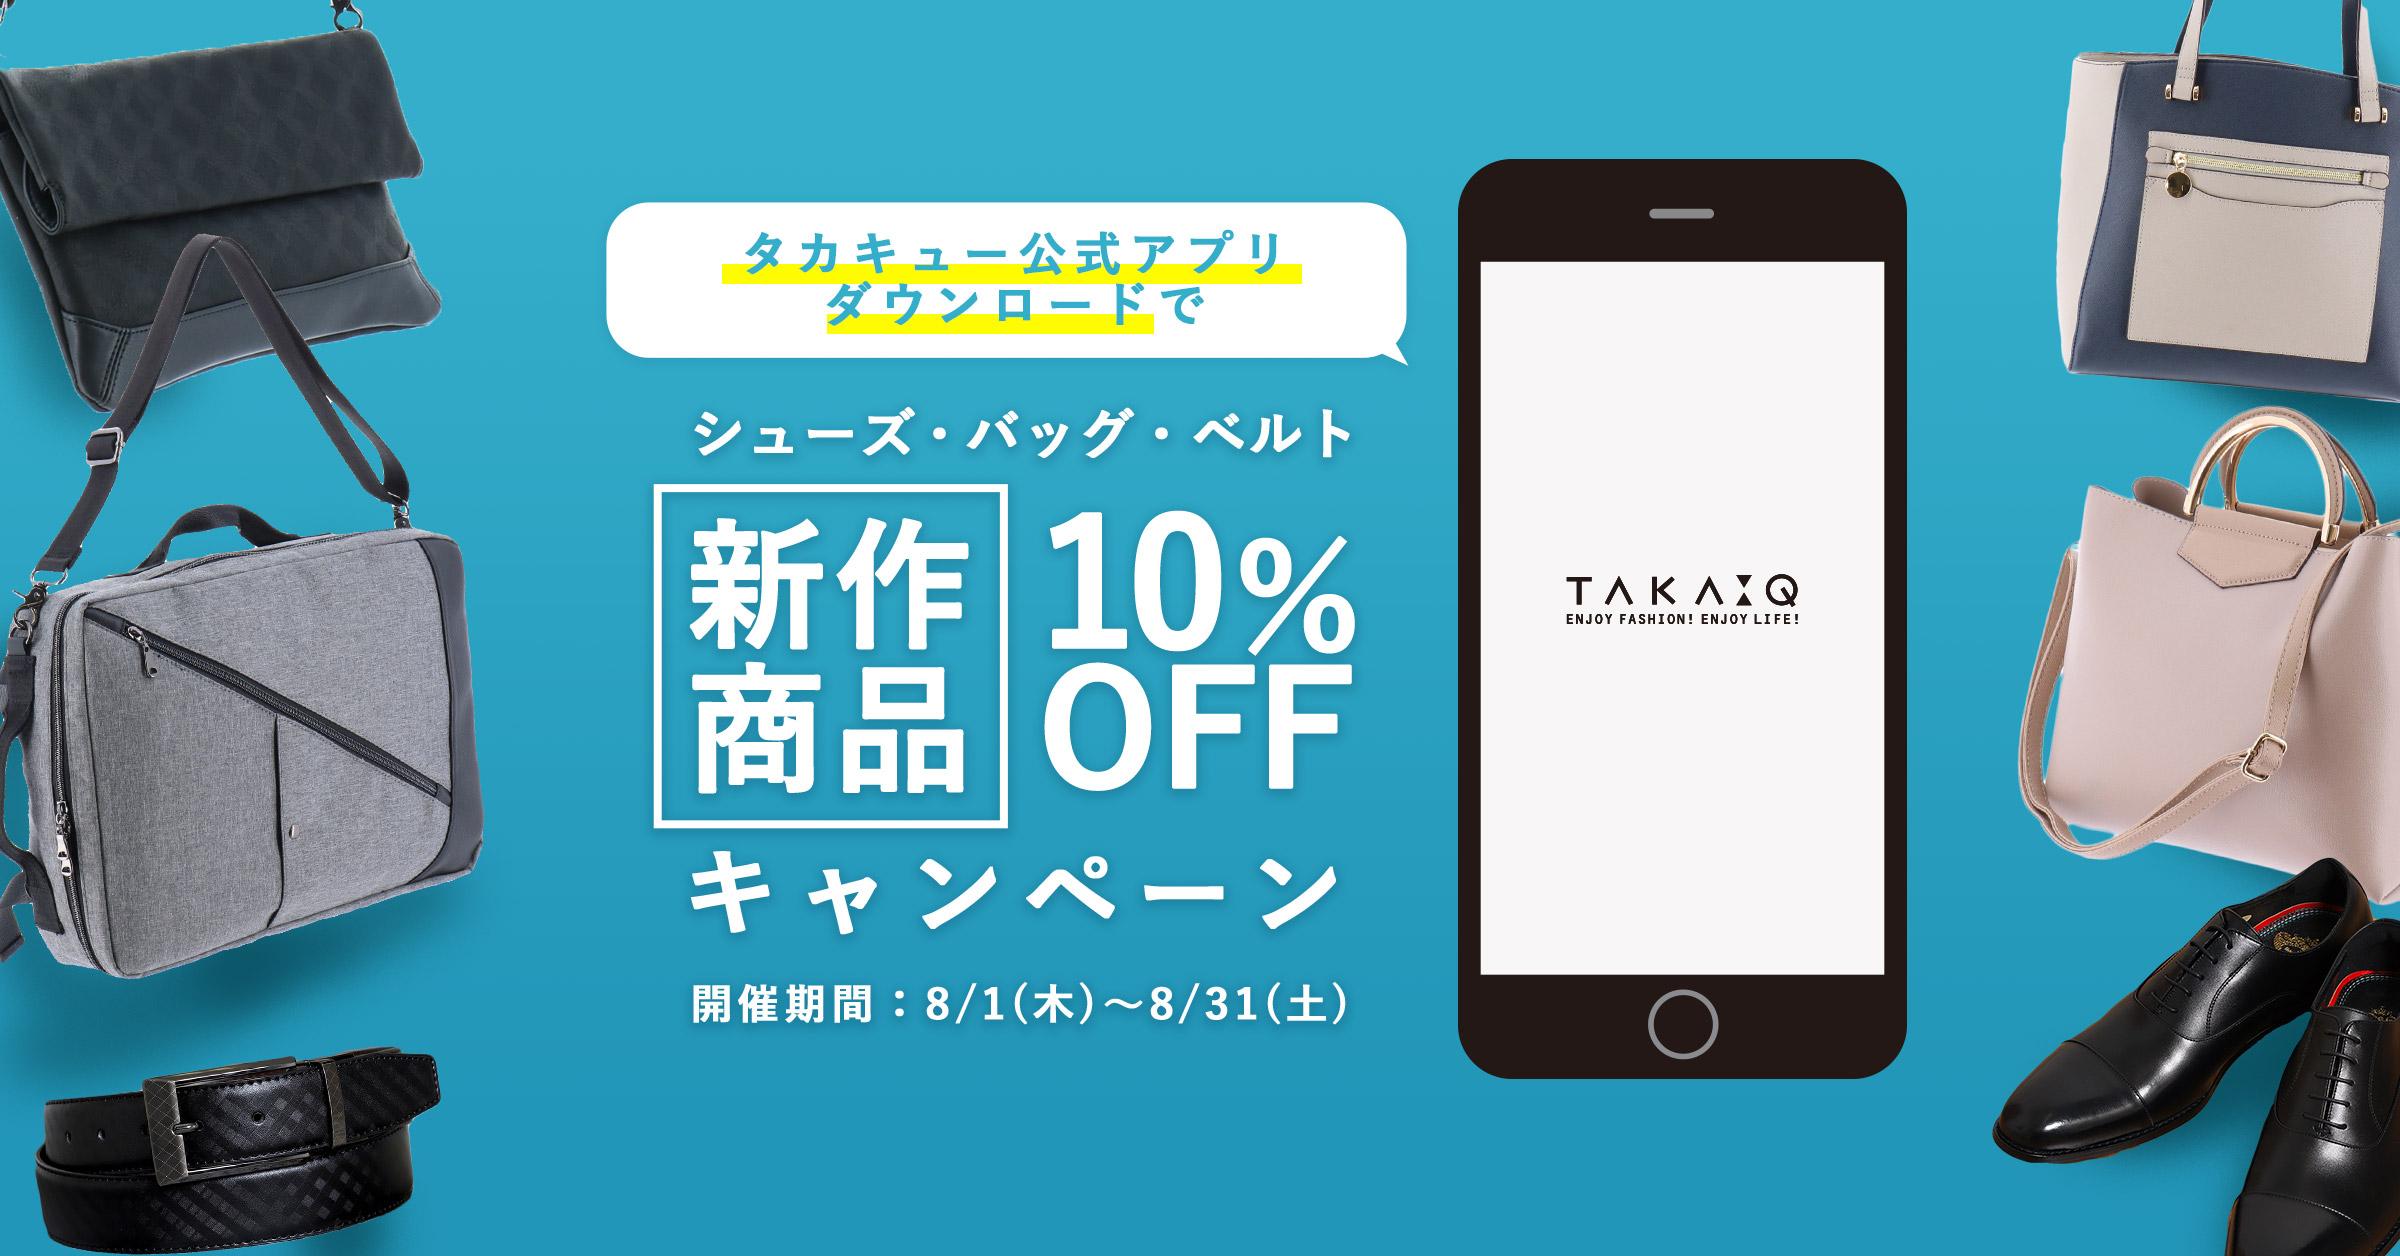 タカキュー公式アプリダウンロードキャンペーン